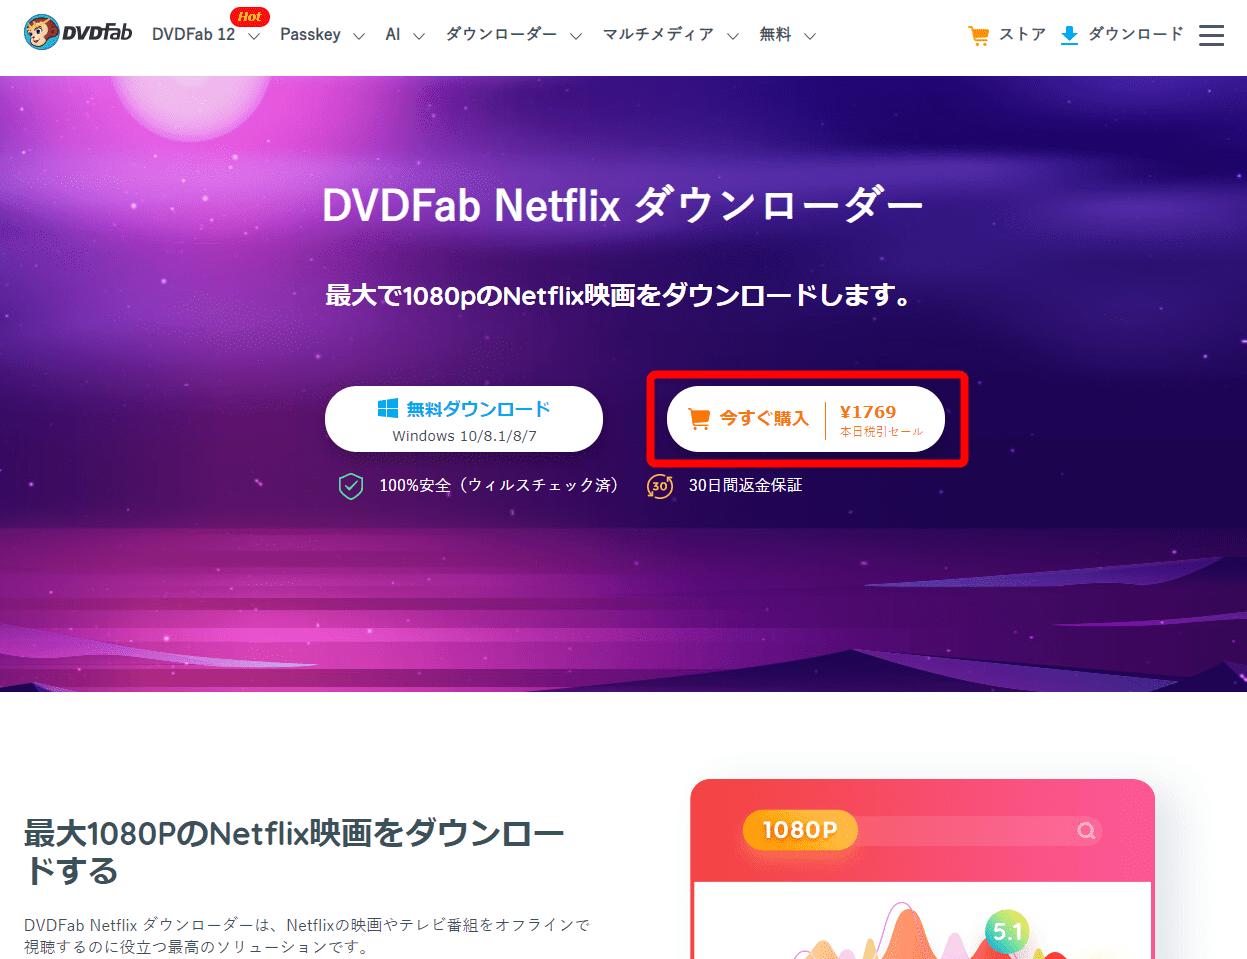 【決定版・NETFLIX録画方法】NETFLIXの動画を一括ダウンロード!ネットフリックスを画面録画してダウンロード保存する方法|ダウンロード不可な動画もOK!|録画方法:DVDFabダウンローダーをインストールする